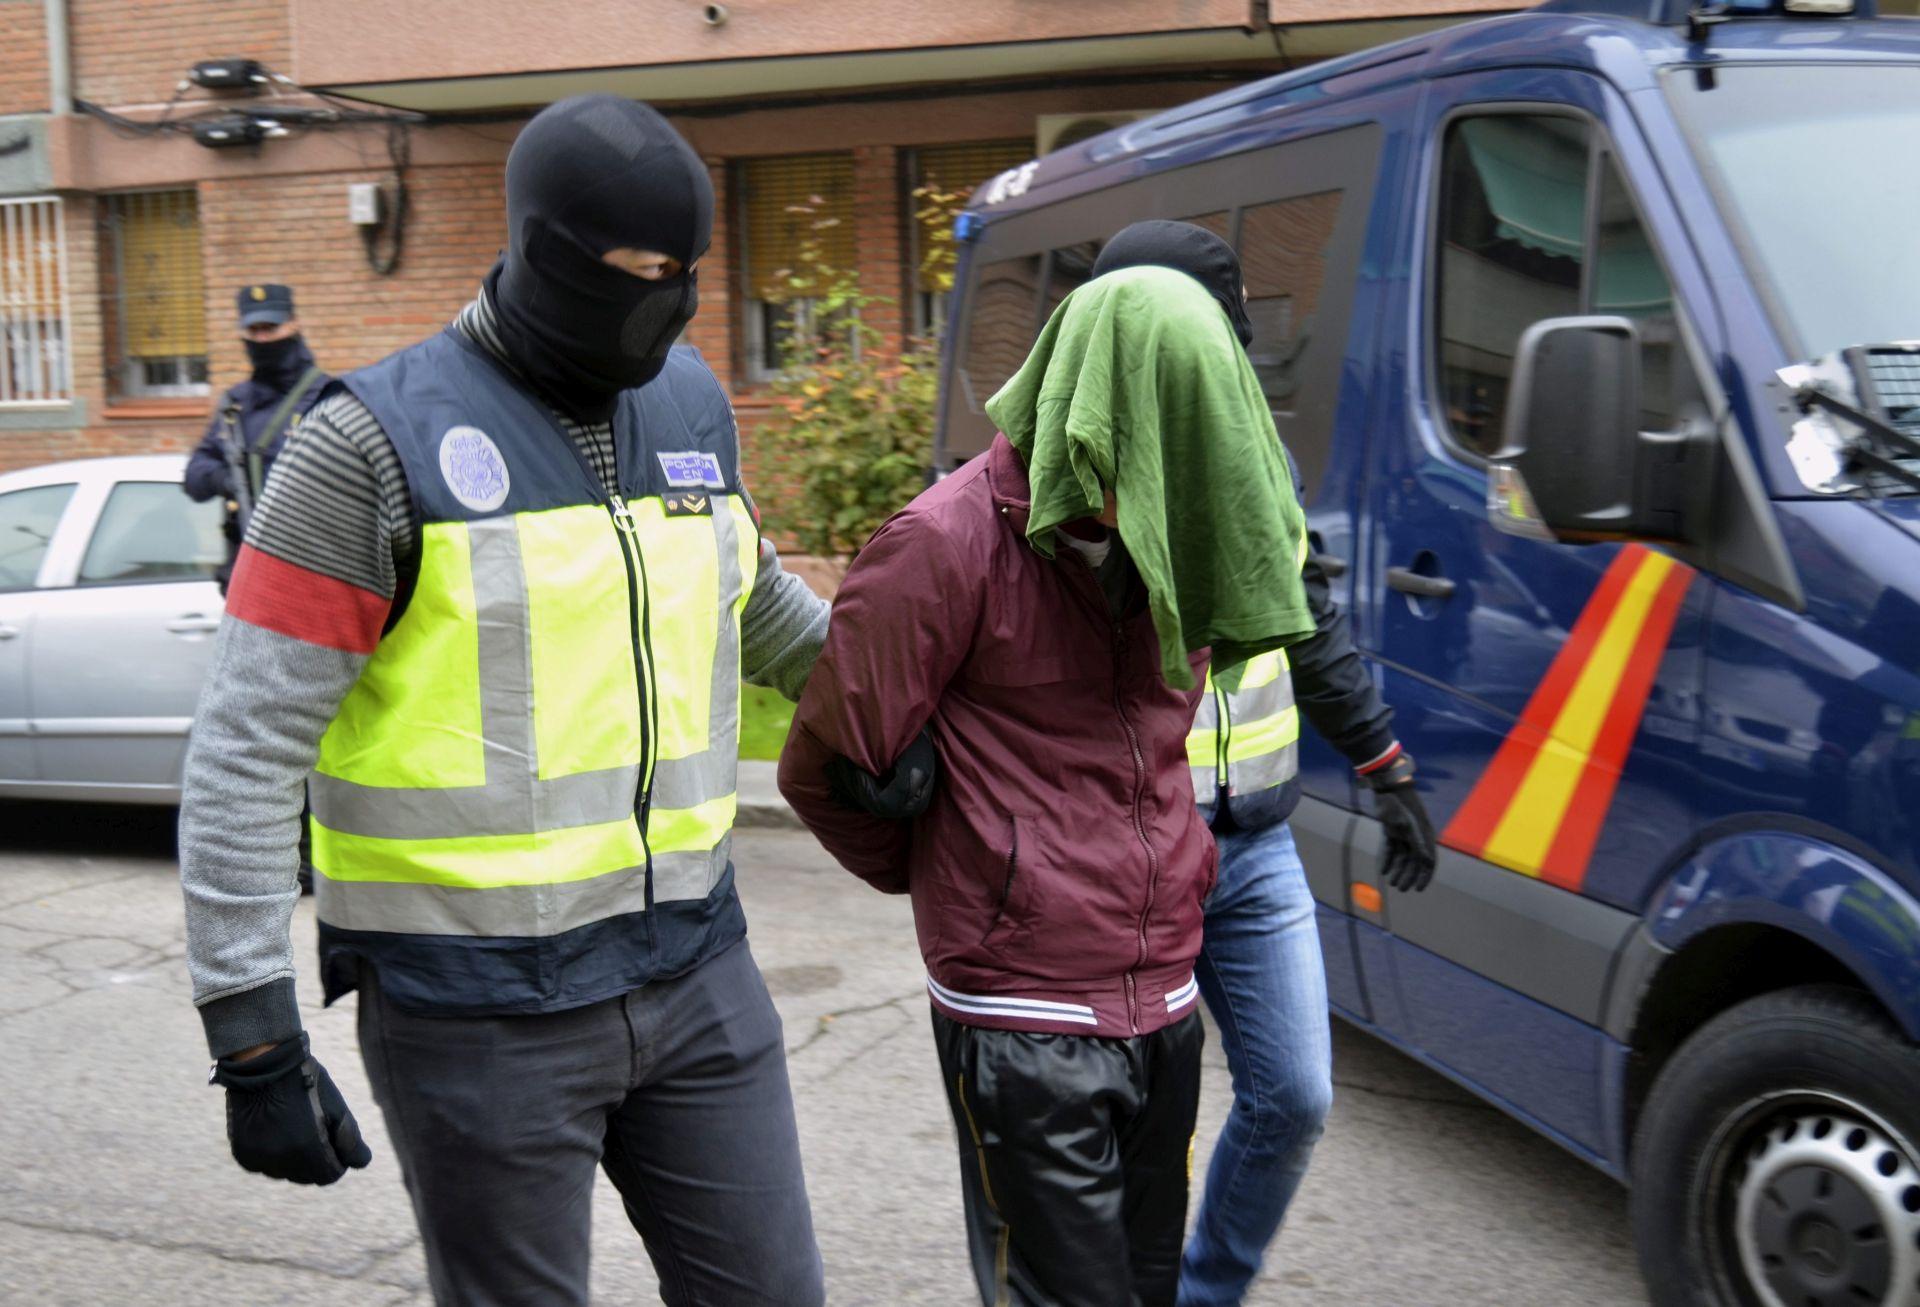 ŠPANJOLSKA POLICIJA: Uhićena dva pripadnika Islamske države